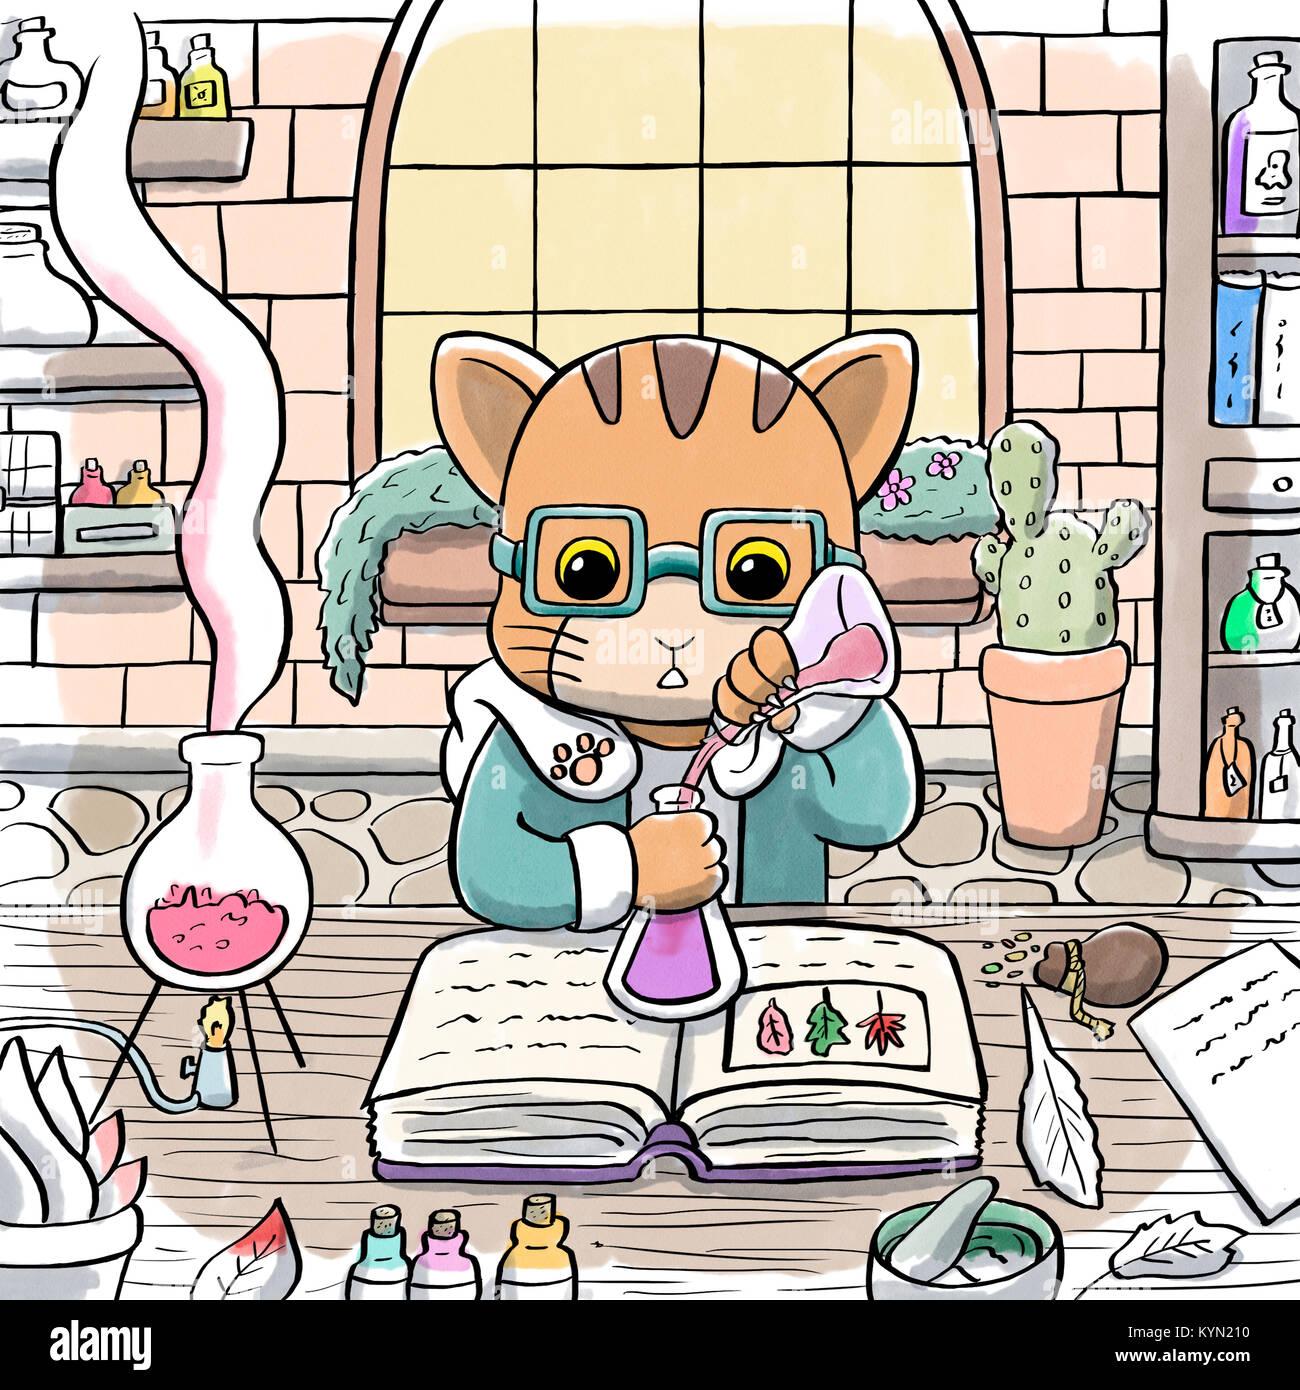 Alchemist Katze einen Trank brauen Stockfoto, Bild: 171951612 - Alamy